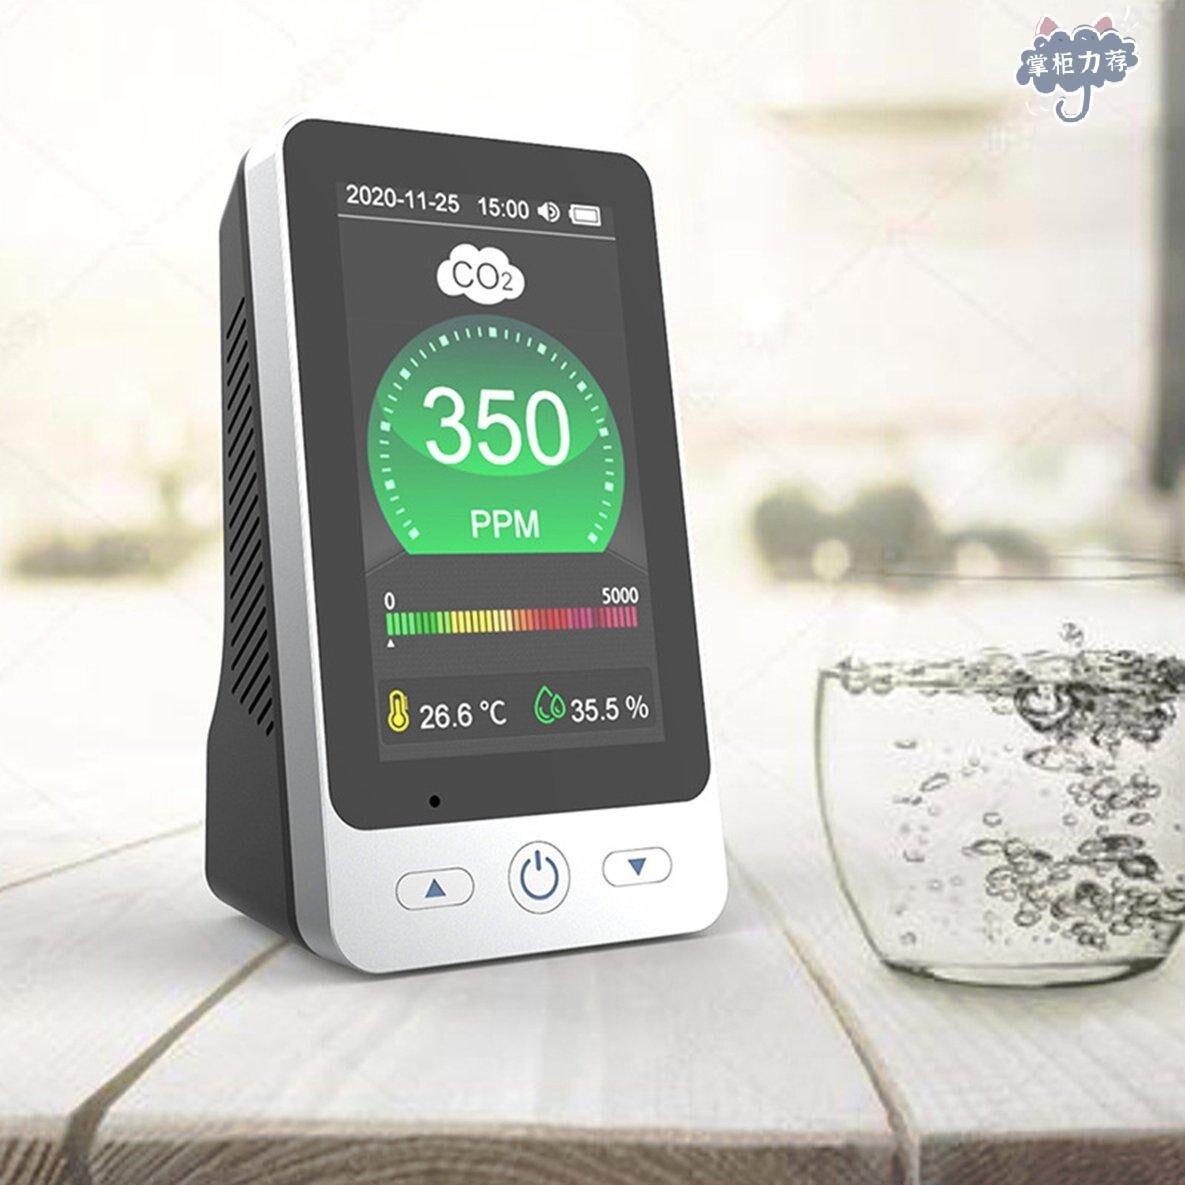 【全館免運】氣體檢測儀分析儀空氣質量監測儀二氧化碳計二氧化碳檢測儀居家 新品上架